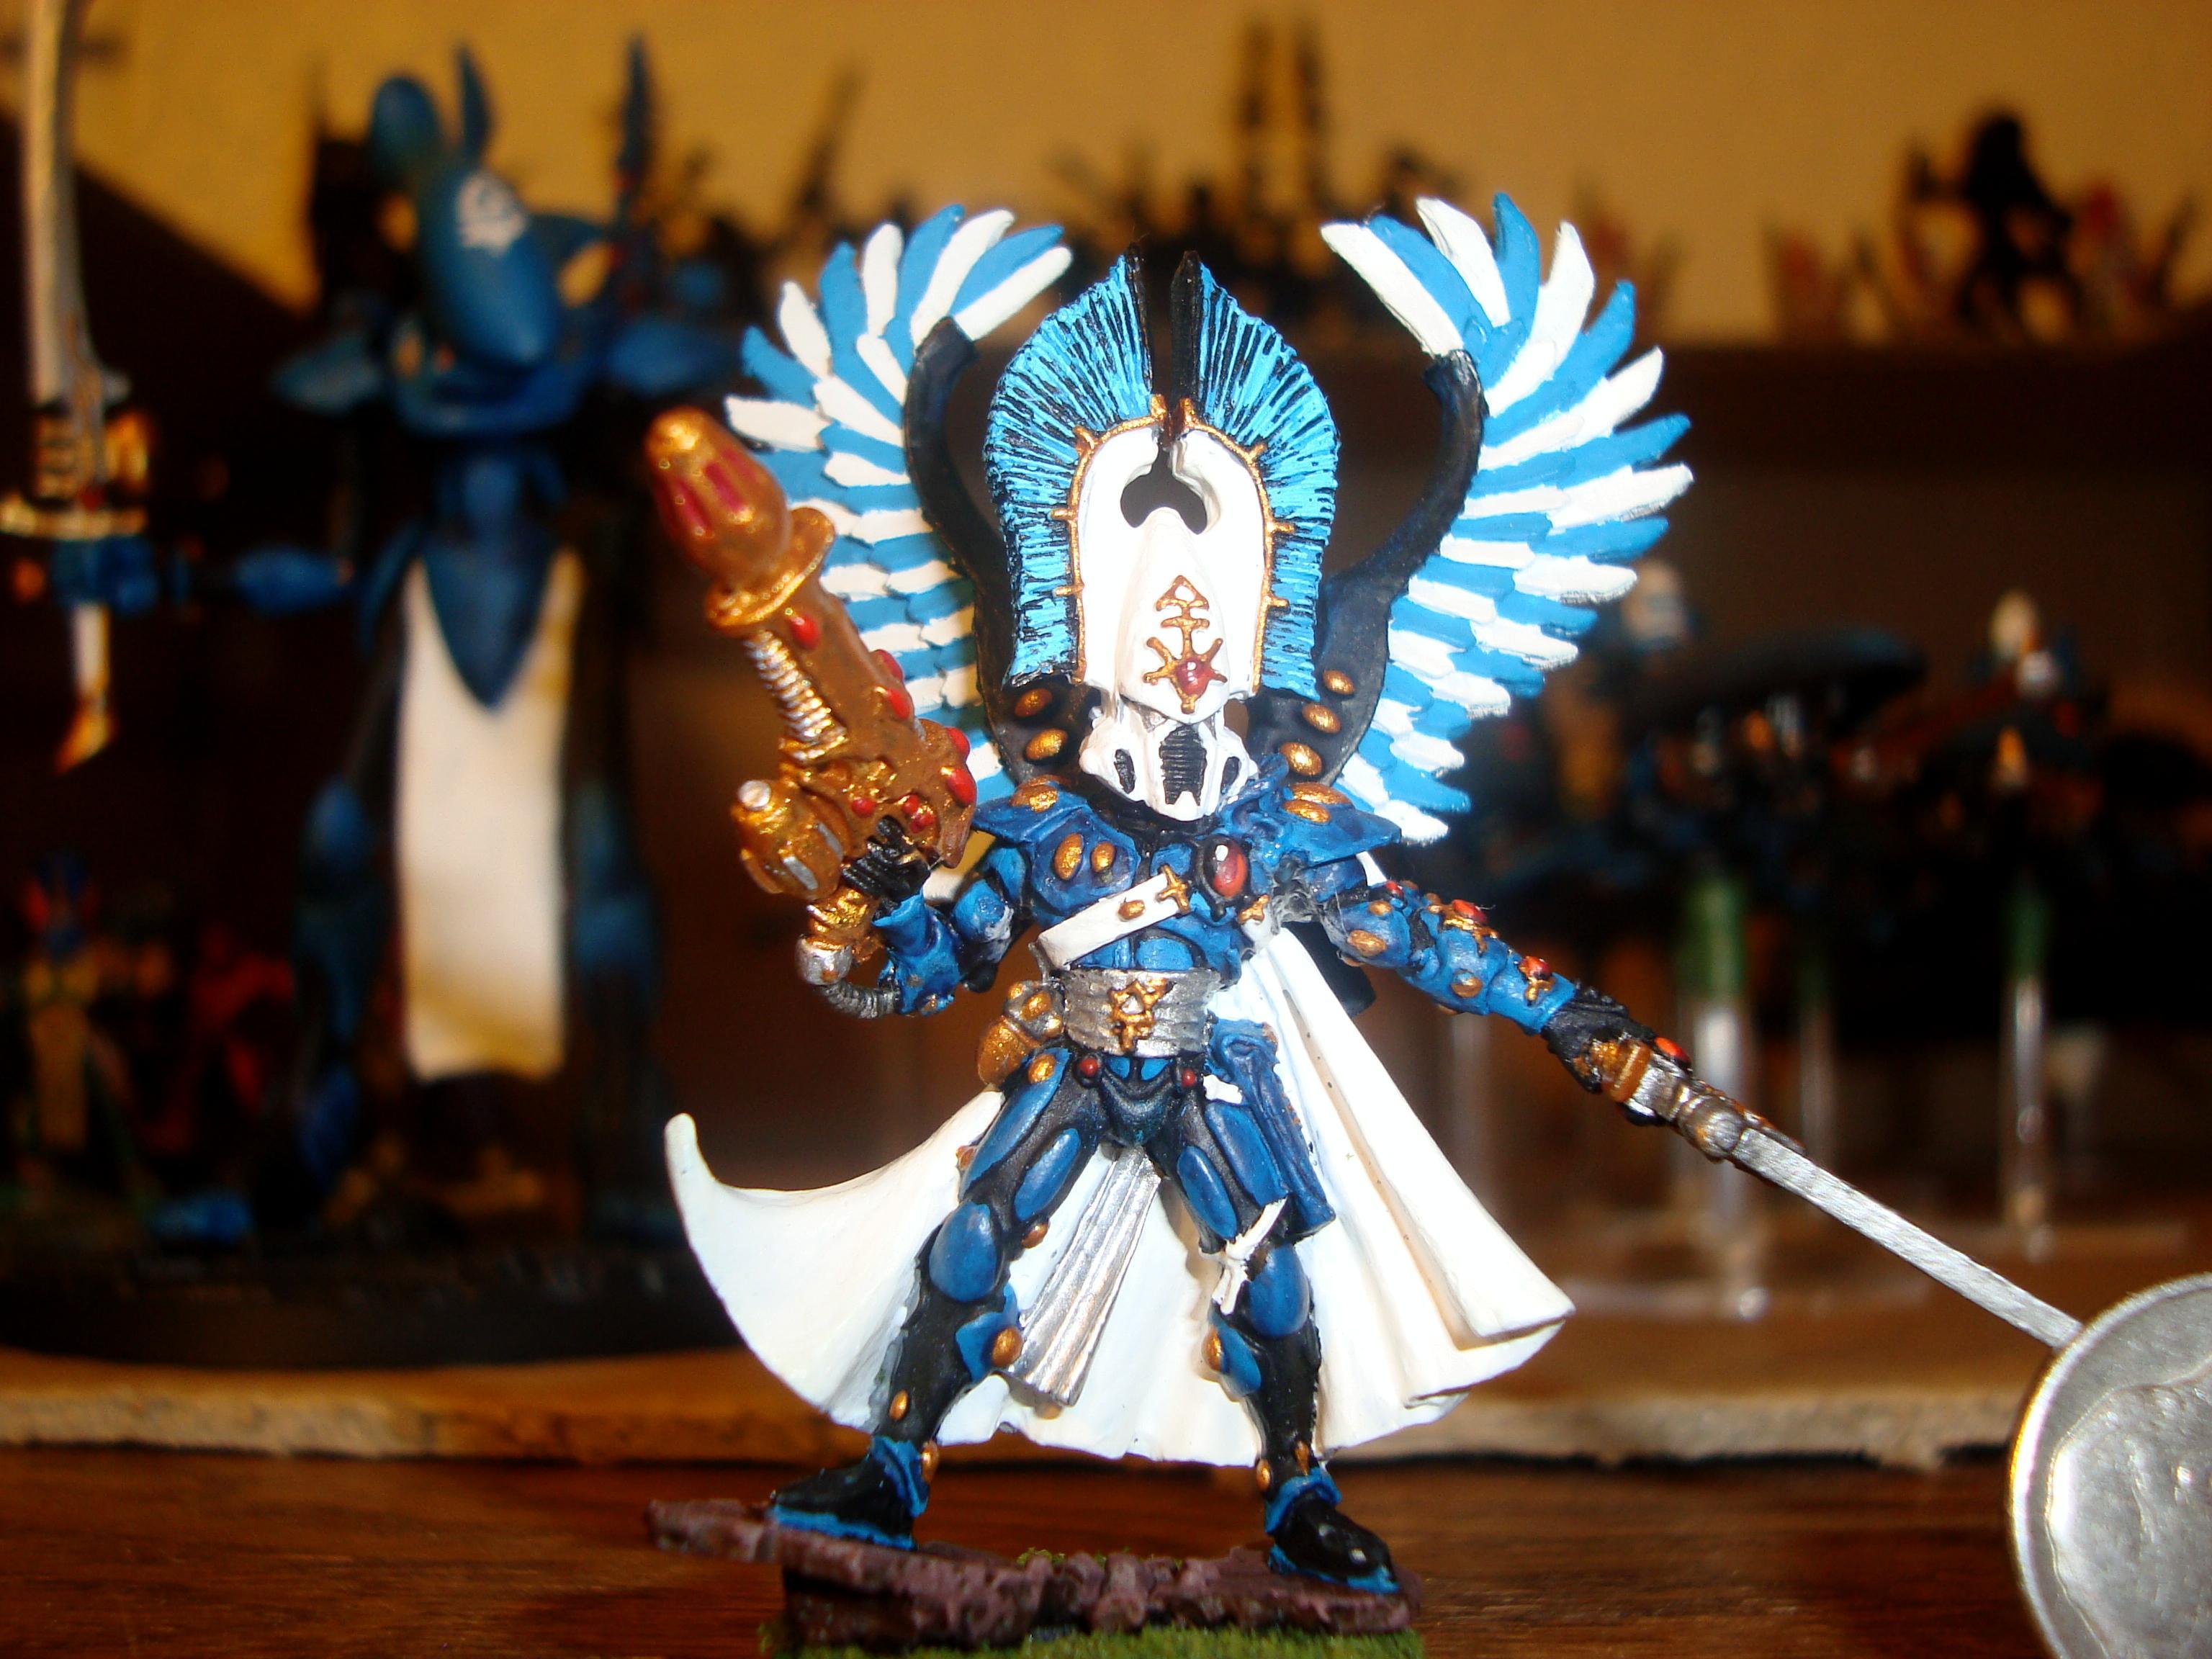 Autarch, Eldar, Swooping Hawks, Uaire-nem, Warhammer 40,000